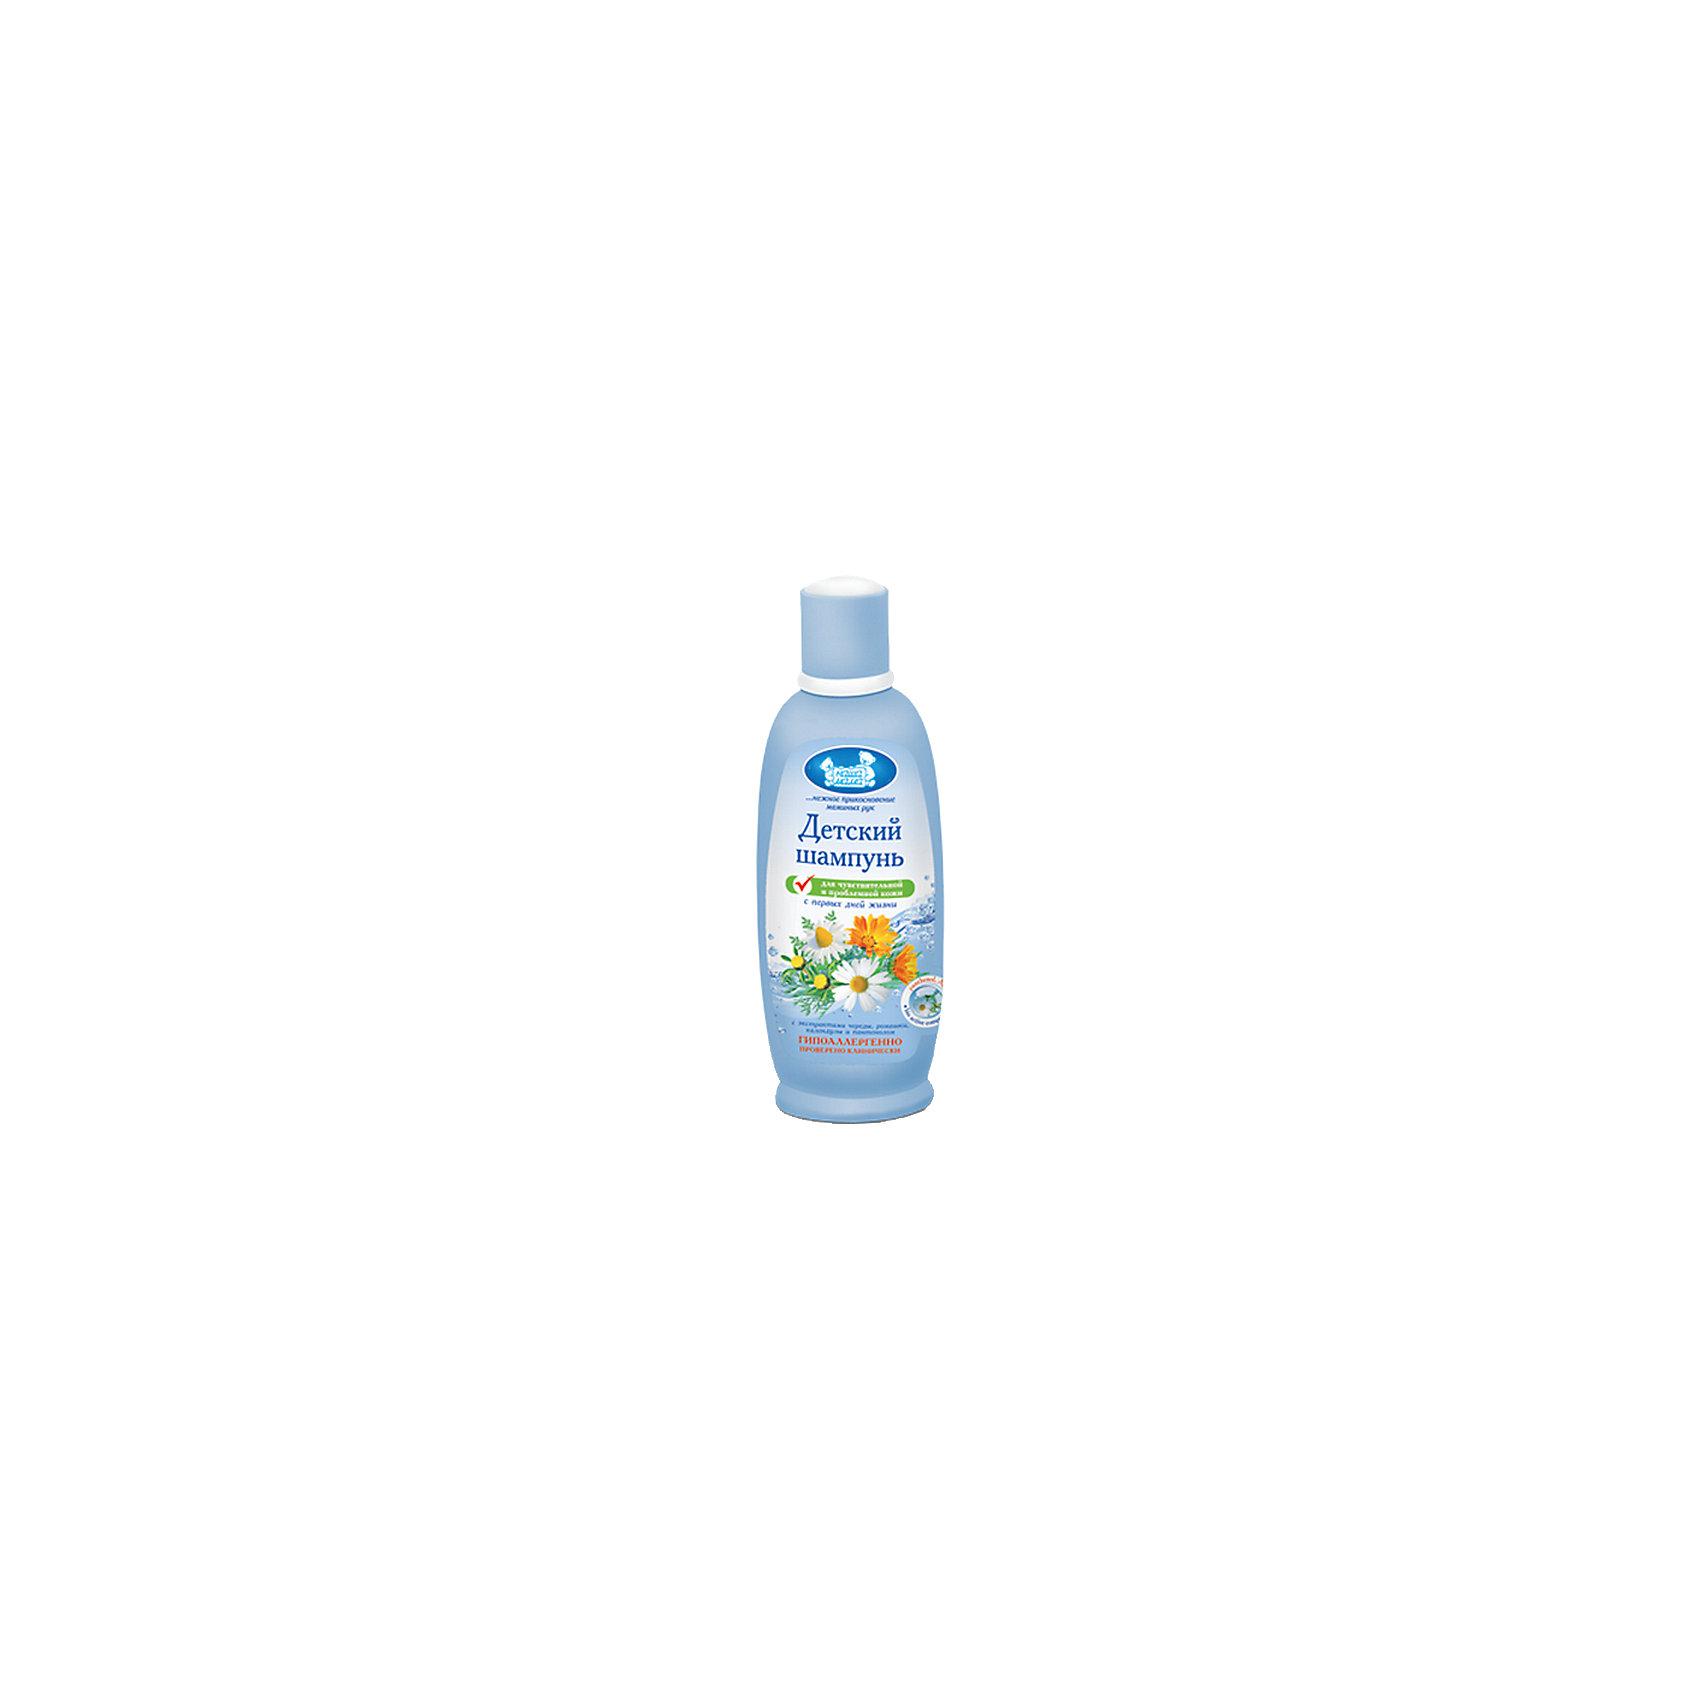 Шампунь для чувствительной кожи 300 мл, Наша МамаКосметика для купания<br>Специальный мягкий шампунь на основе растительных ПАВ нежно очищает волосы, не оказывая обезжиривающего действия на чувствительную кожу головы малыша. Благодаря натуральным экстрактам восстанавливает естественную пышность и мягкость волос. Рекомендуется как средство для предрасположенной к воспалительным процессам кожи. Не раздражает глазки малыша.<br><br>Ширина мм: 45<br>Глубина мм: 75<br>Высота мм: 175<br>Вес г: 320<br>Возраст от месяцев: 0<br>Возраст до месяцев: 36<br>Пол: Унисекс<br>Возраст: Детский<br>SKU: 4124409